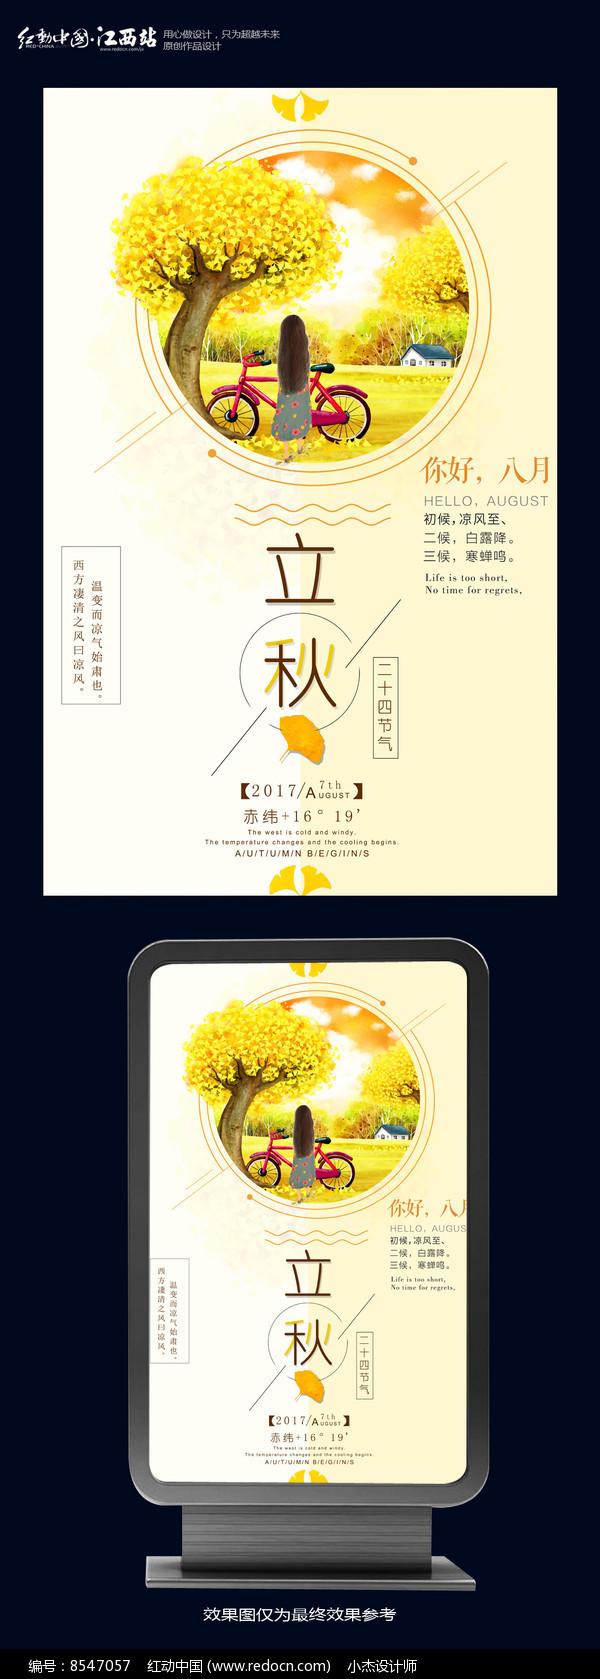 二十四节气立秋传统中国风海报图片